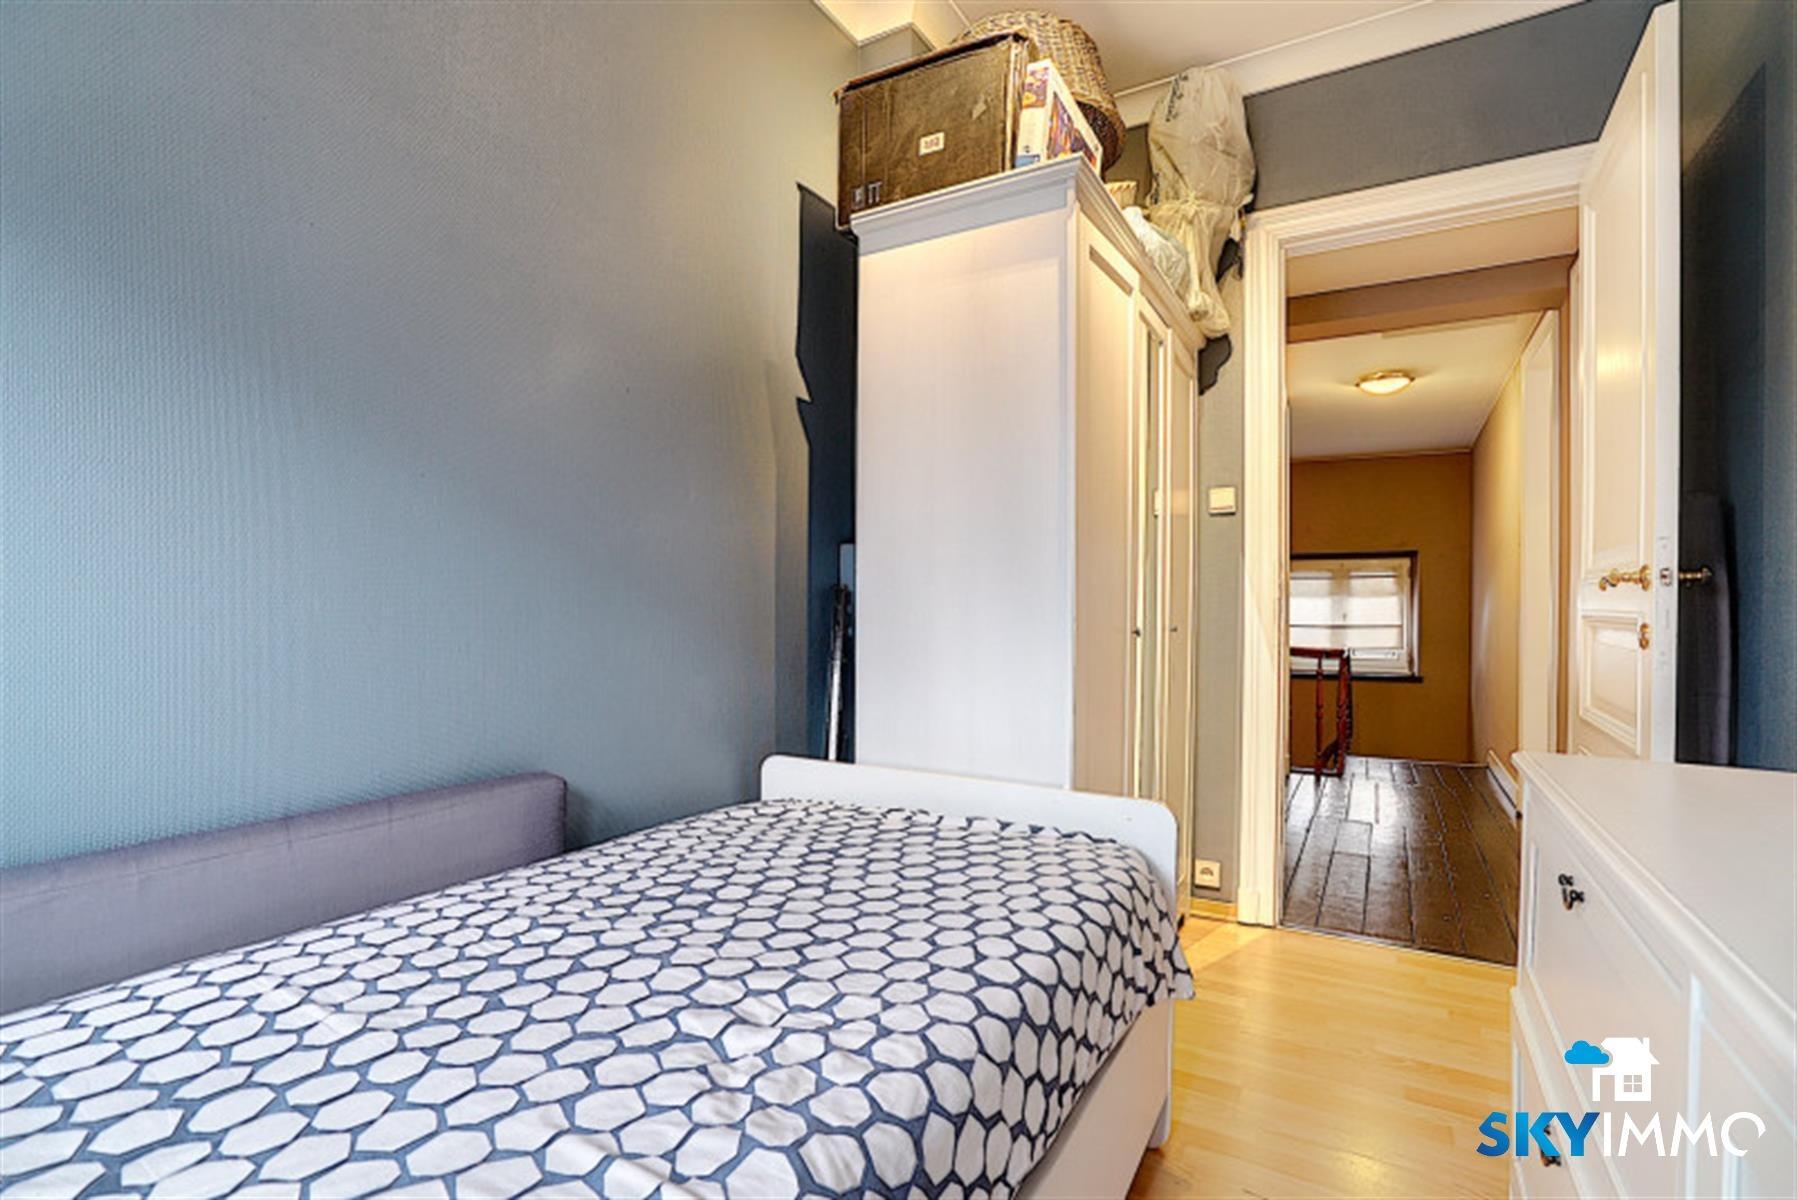 Maison - Liège - #4262984-40